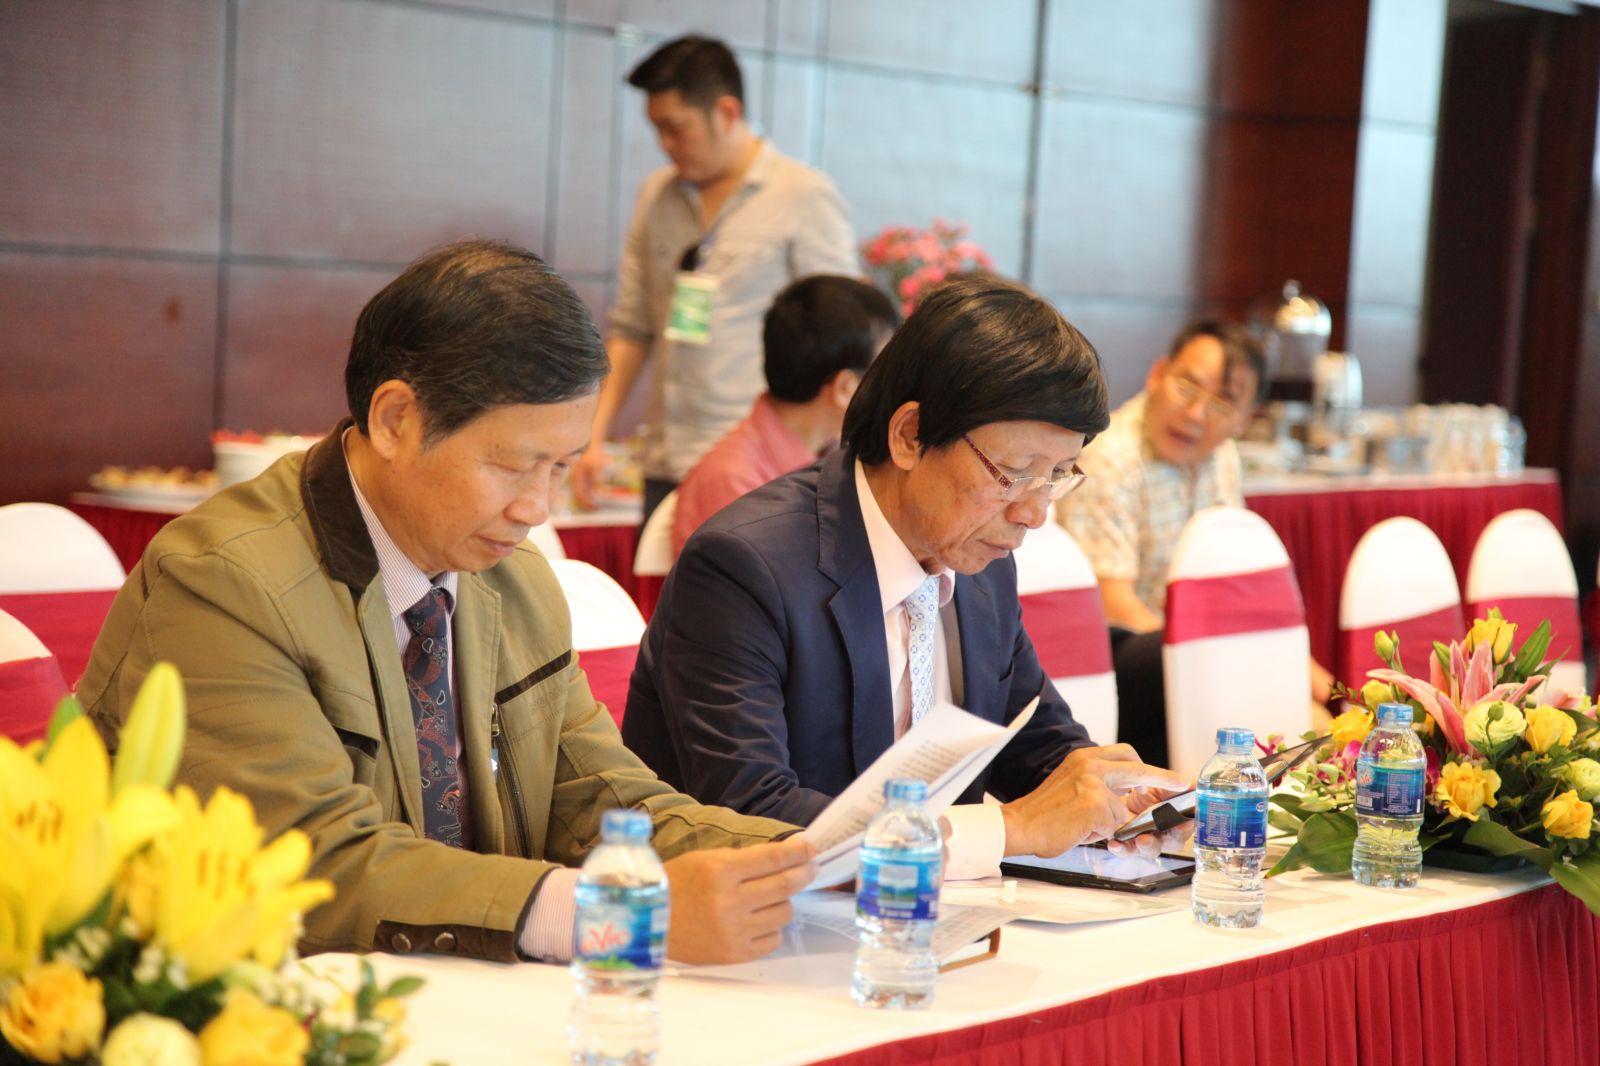 Ông Đỗ Viết Chiến, Tổng thư ký Hiệp hội Bất động sản Việt Nam và ôngPhan Hữu Thắng, Chủ tịch Hiệp hội Bất động sản Việt Nam